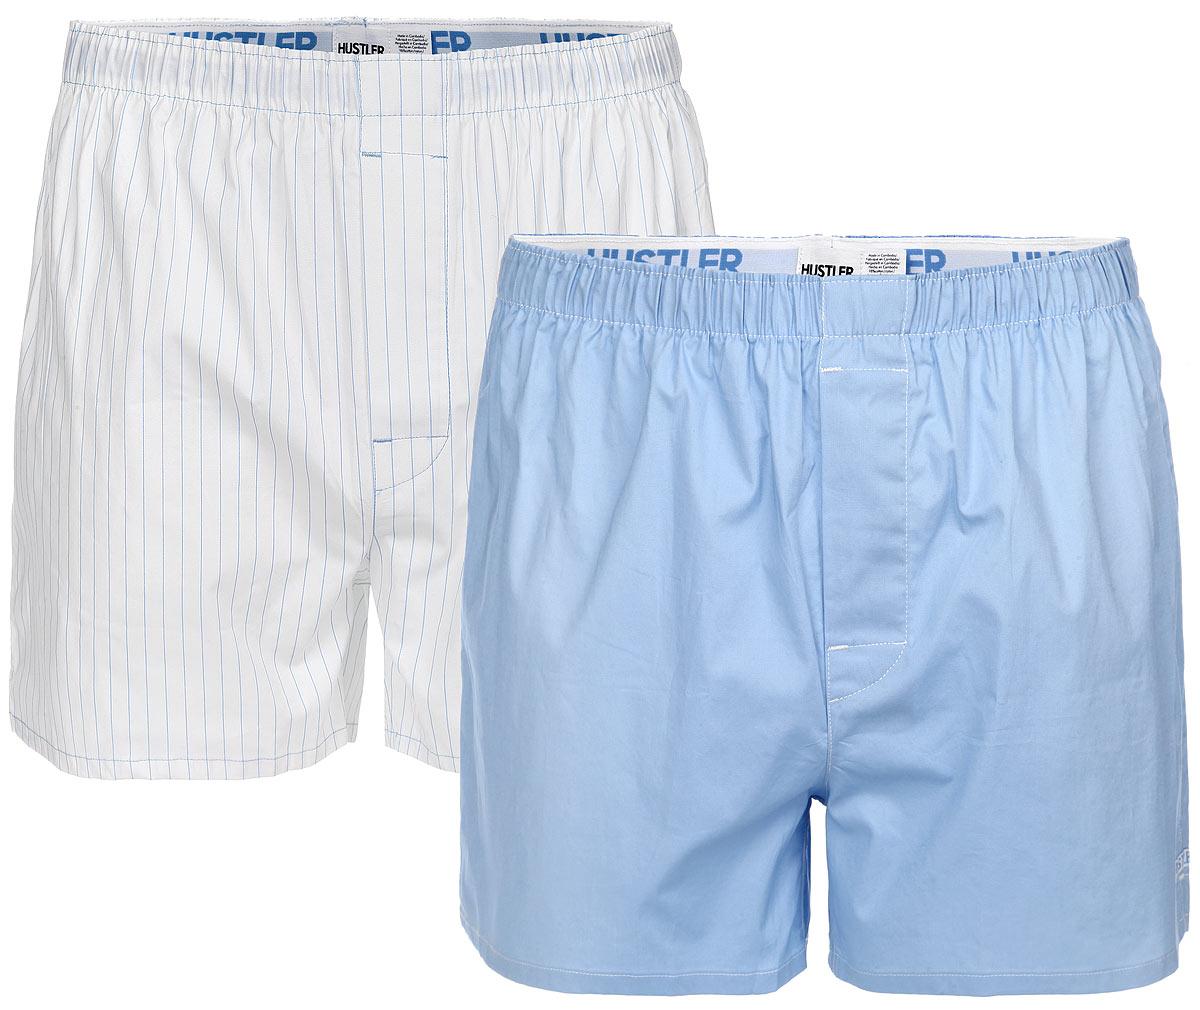 Трусы-шорты мужские Hustler Lingerie Blue Line, цвет: белый, голубой, 2 шт. HUW-1010LTB. Размер L (50)HUW-1010LTBМужские трусы-шорты Hustler Lingerie Blue Line, выполненные из эластичного хлопка, отлично подойдут для повседневной носки. Трусы с гульфиком дополнены на талии широкой резинкой с названием бренда.В комплект входят 2 трусов. Одна модель оформлена принтом в полоску, вторая - однотонная. Сбоку предусмотрена небольшая нашивка с названием бренда.